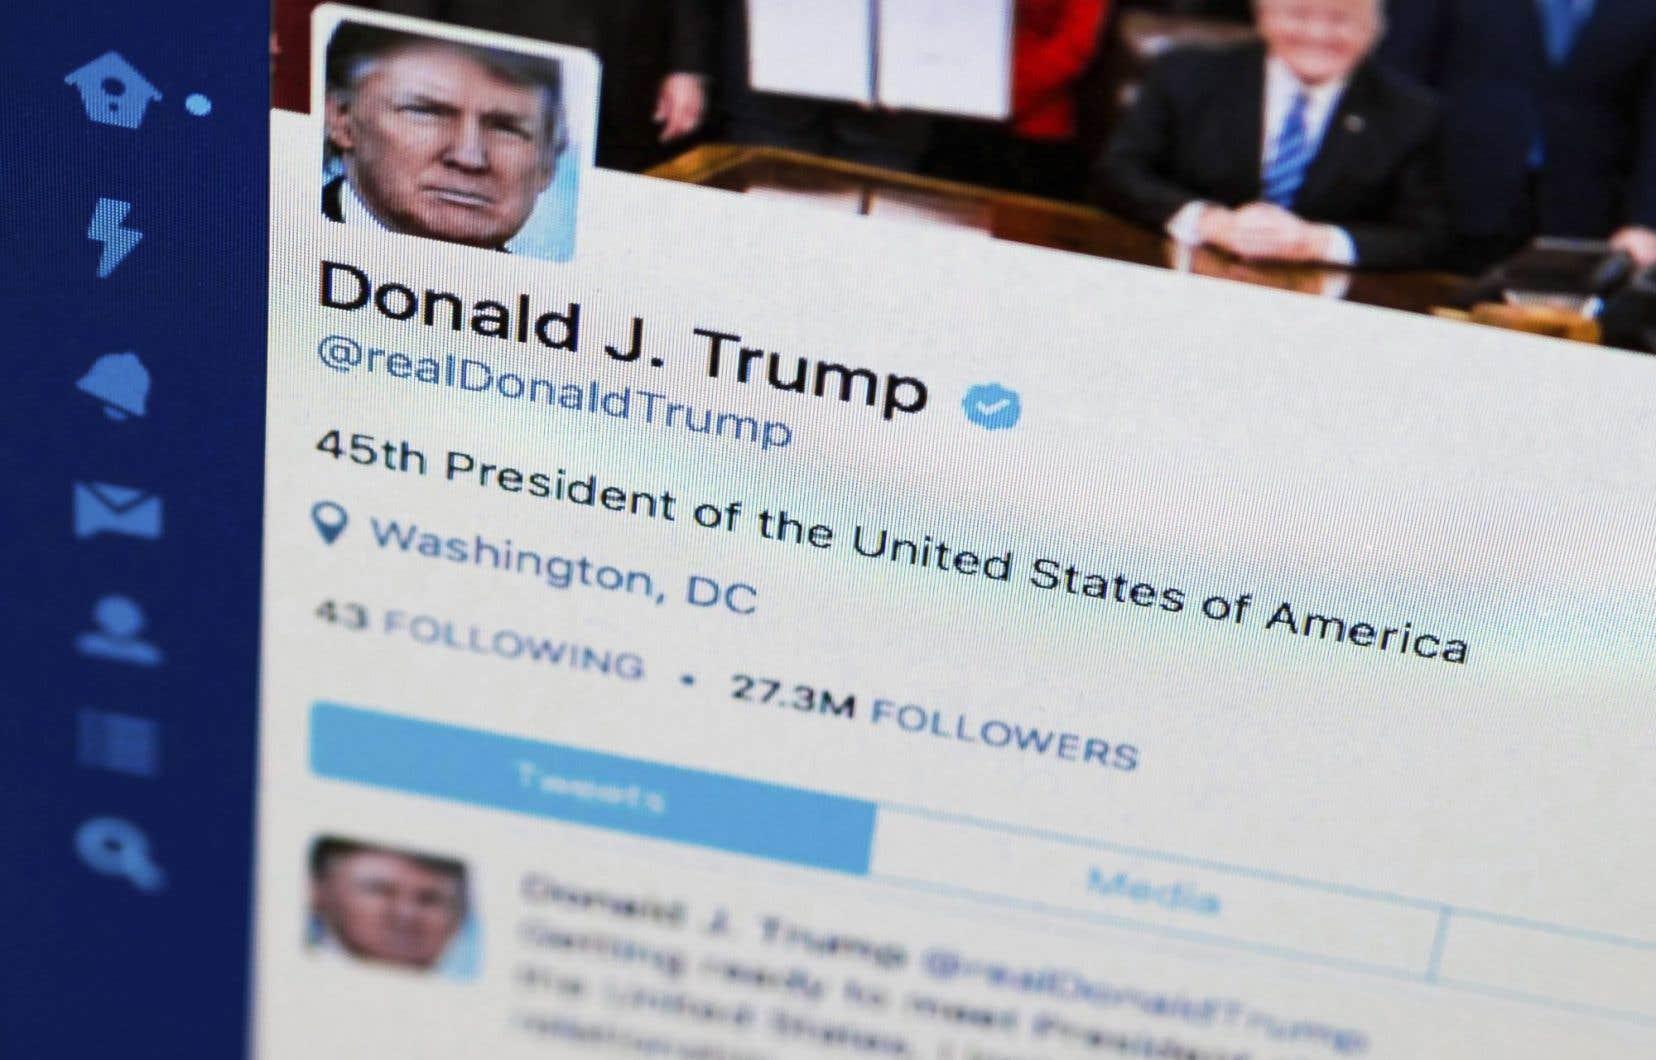 Le compte Twitter du président américain Donald Trump